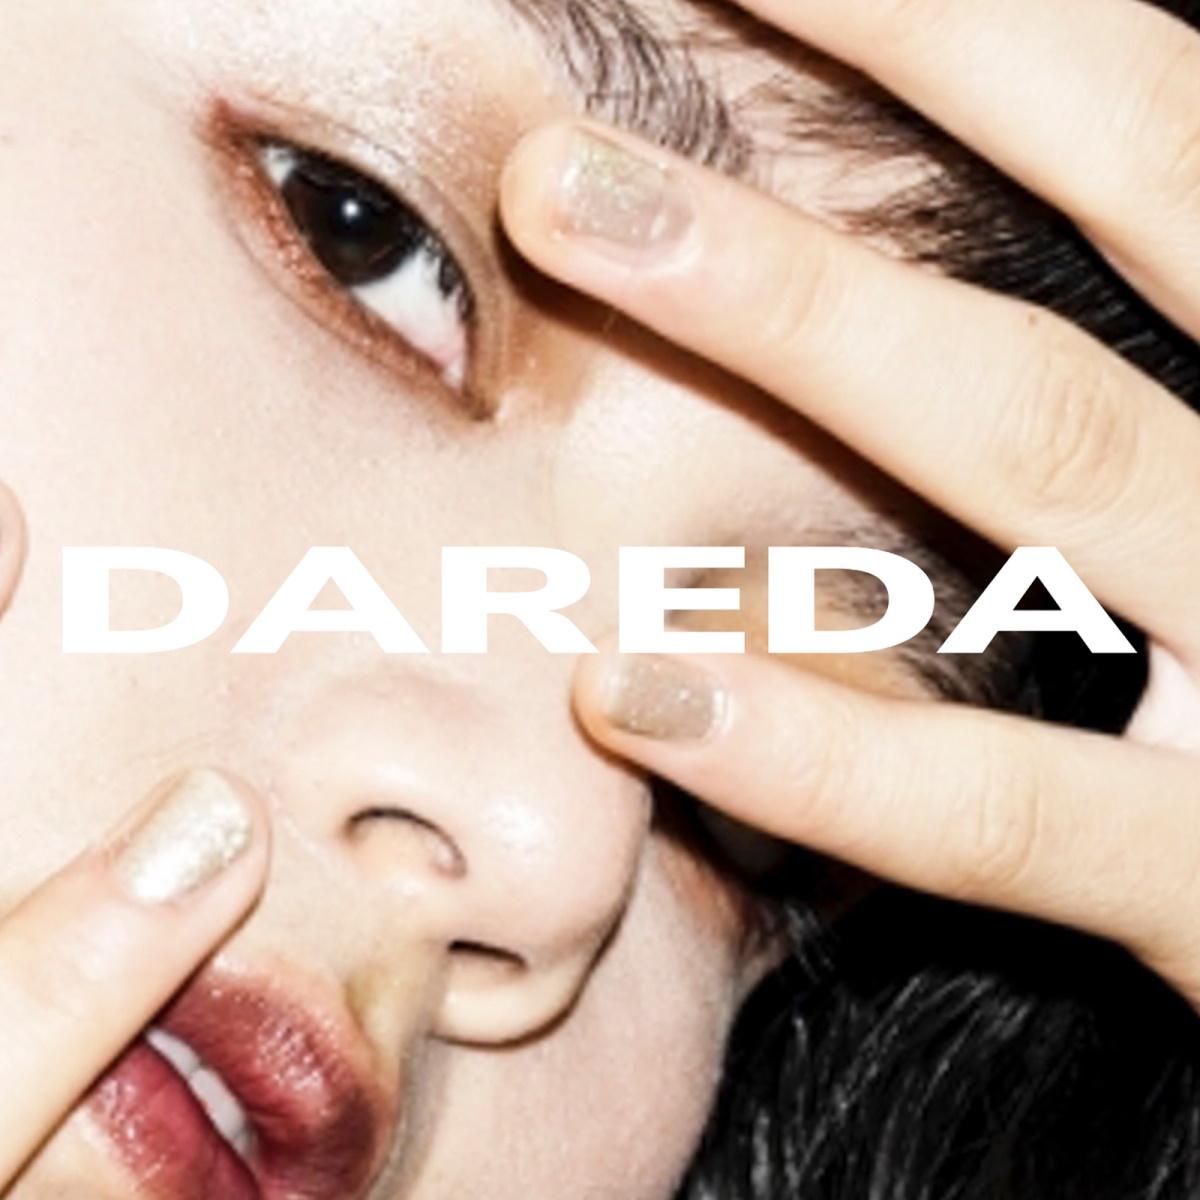 『Anly - DAREDA』収録の『DAREDA』ジャケット